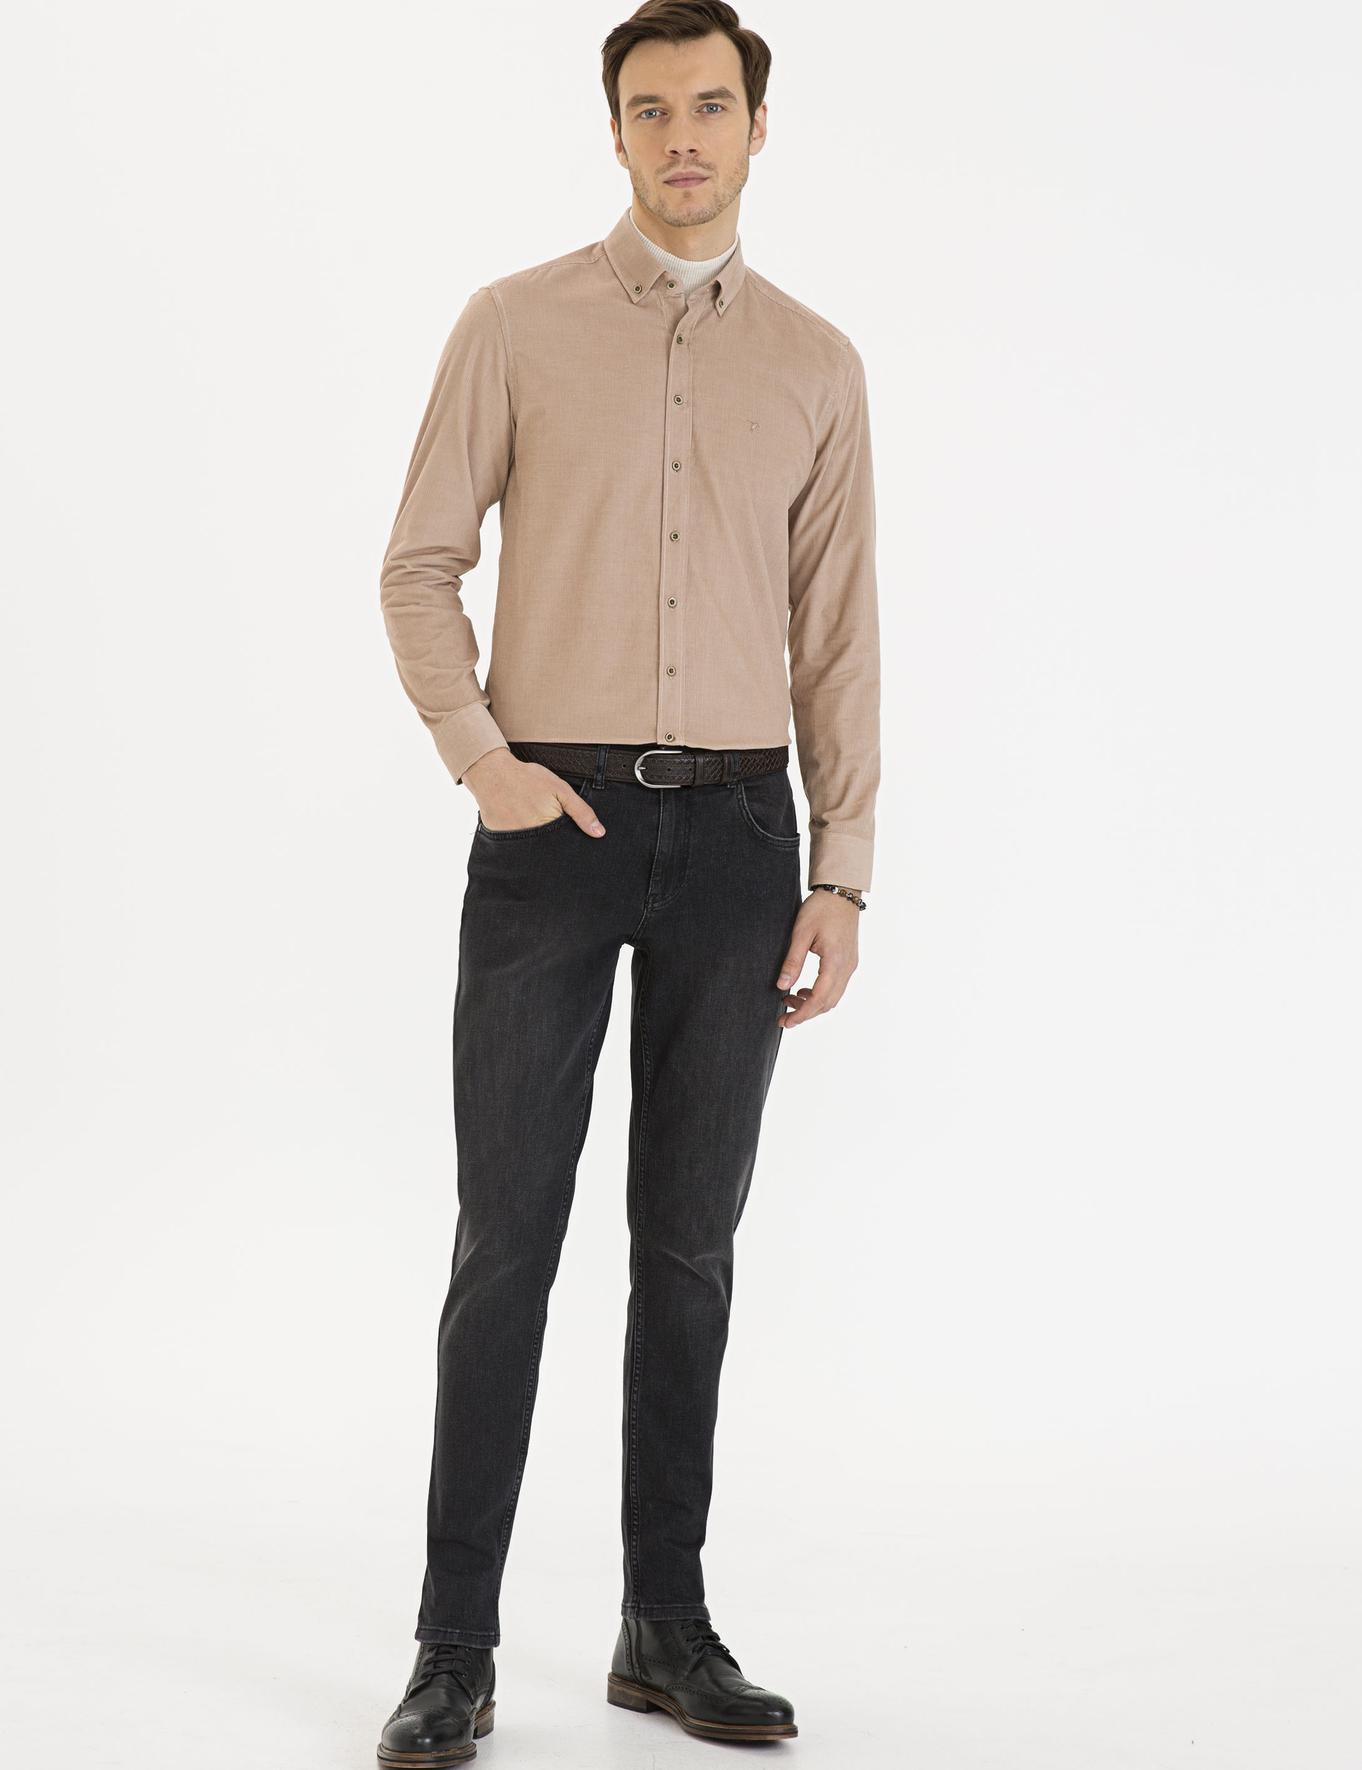 Bej Slim Fit Gömlek - 50227351063